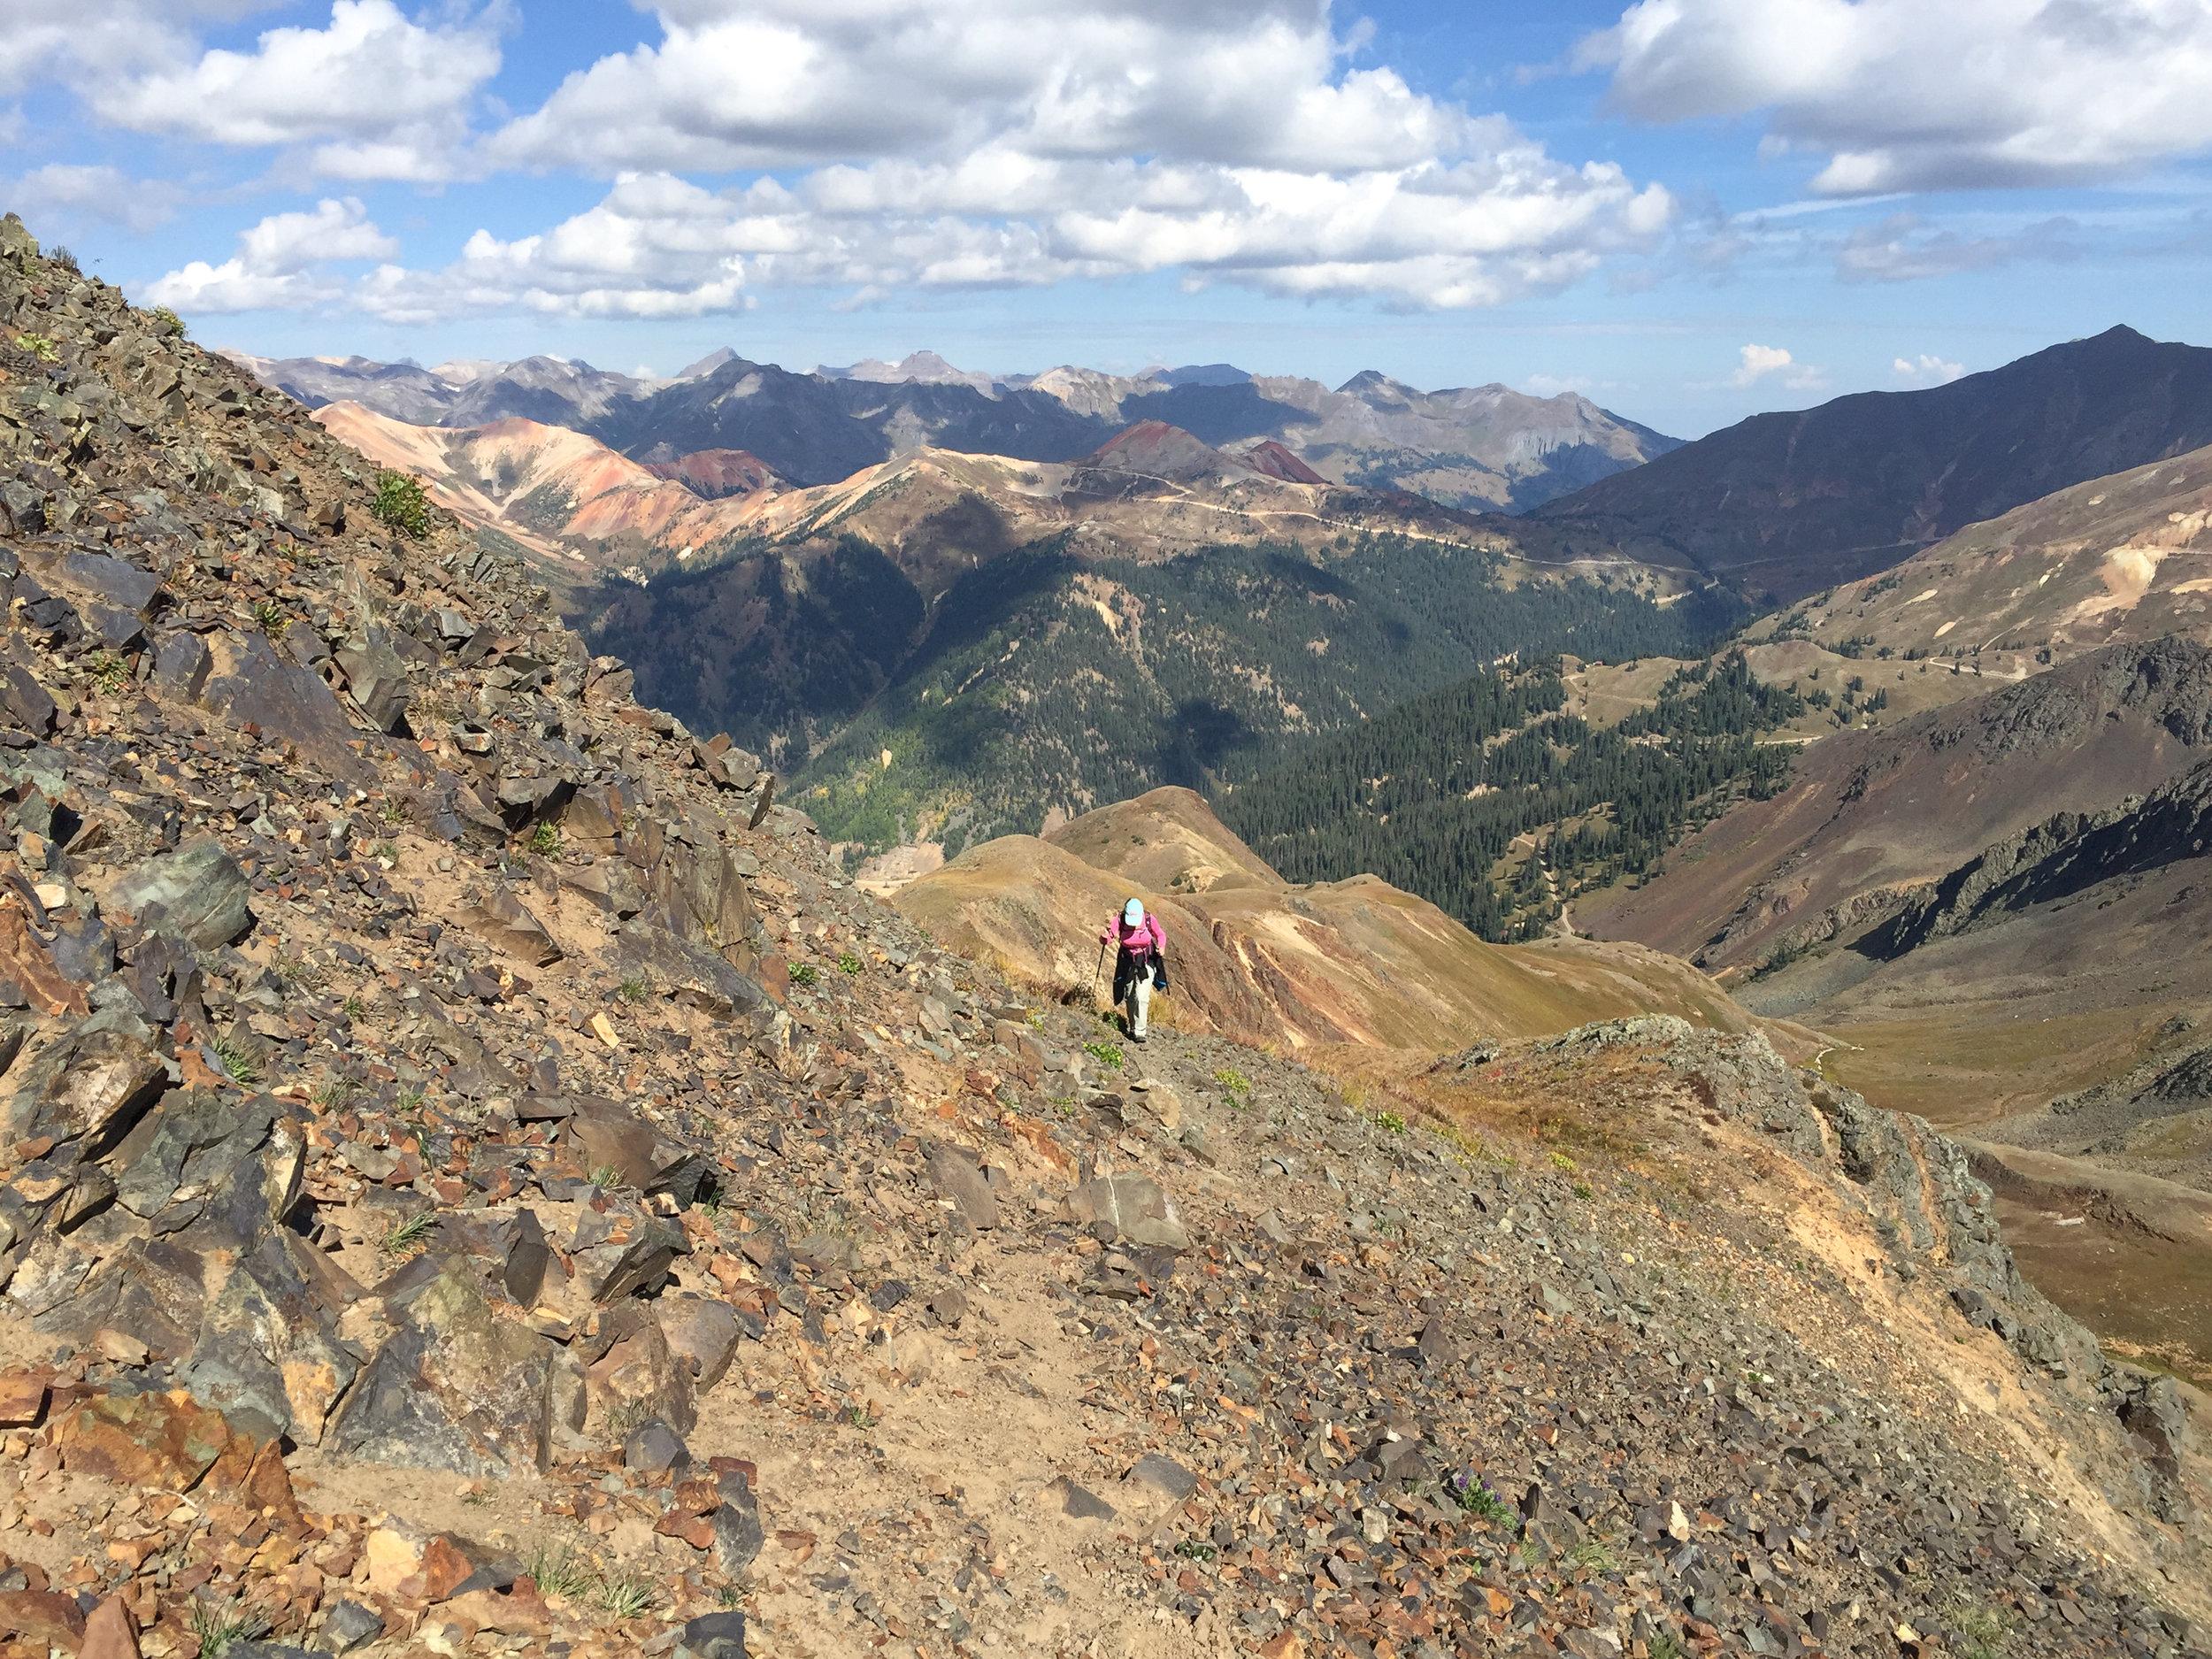 Lisa hiking on the ridge, Image # 2922